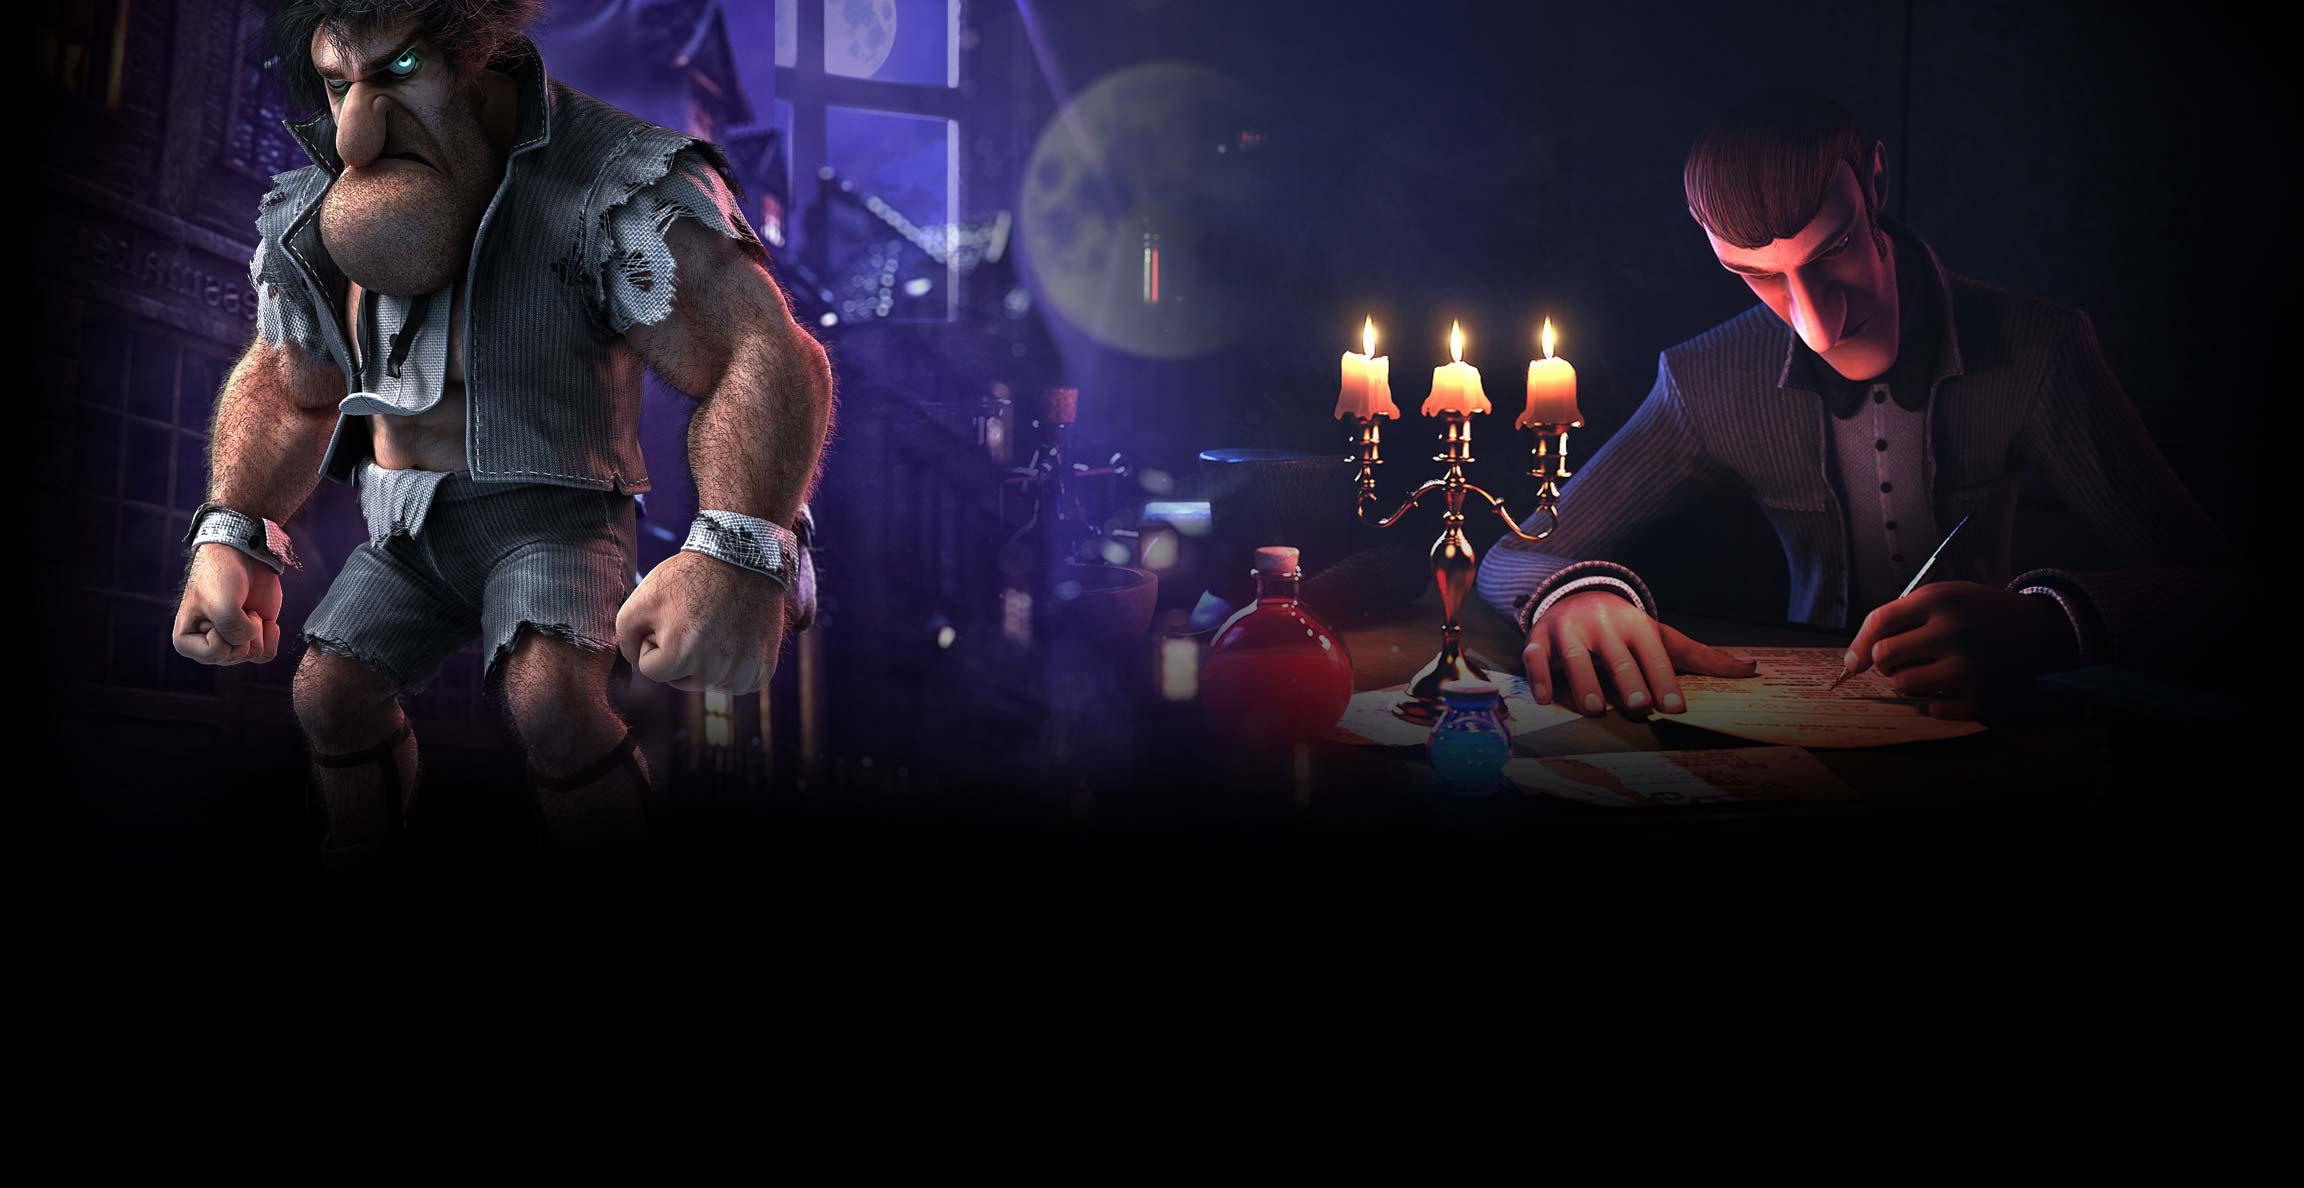 odobo casino